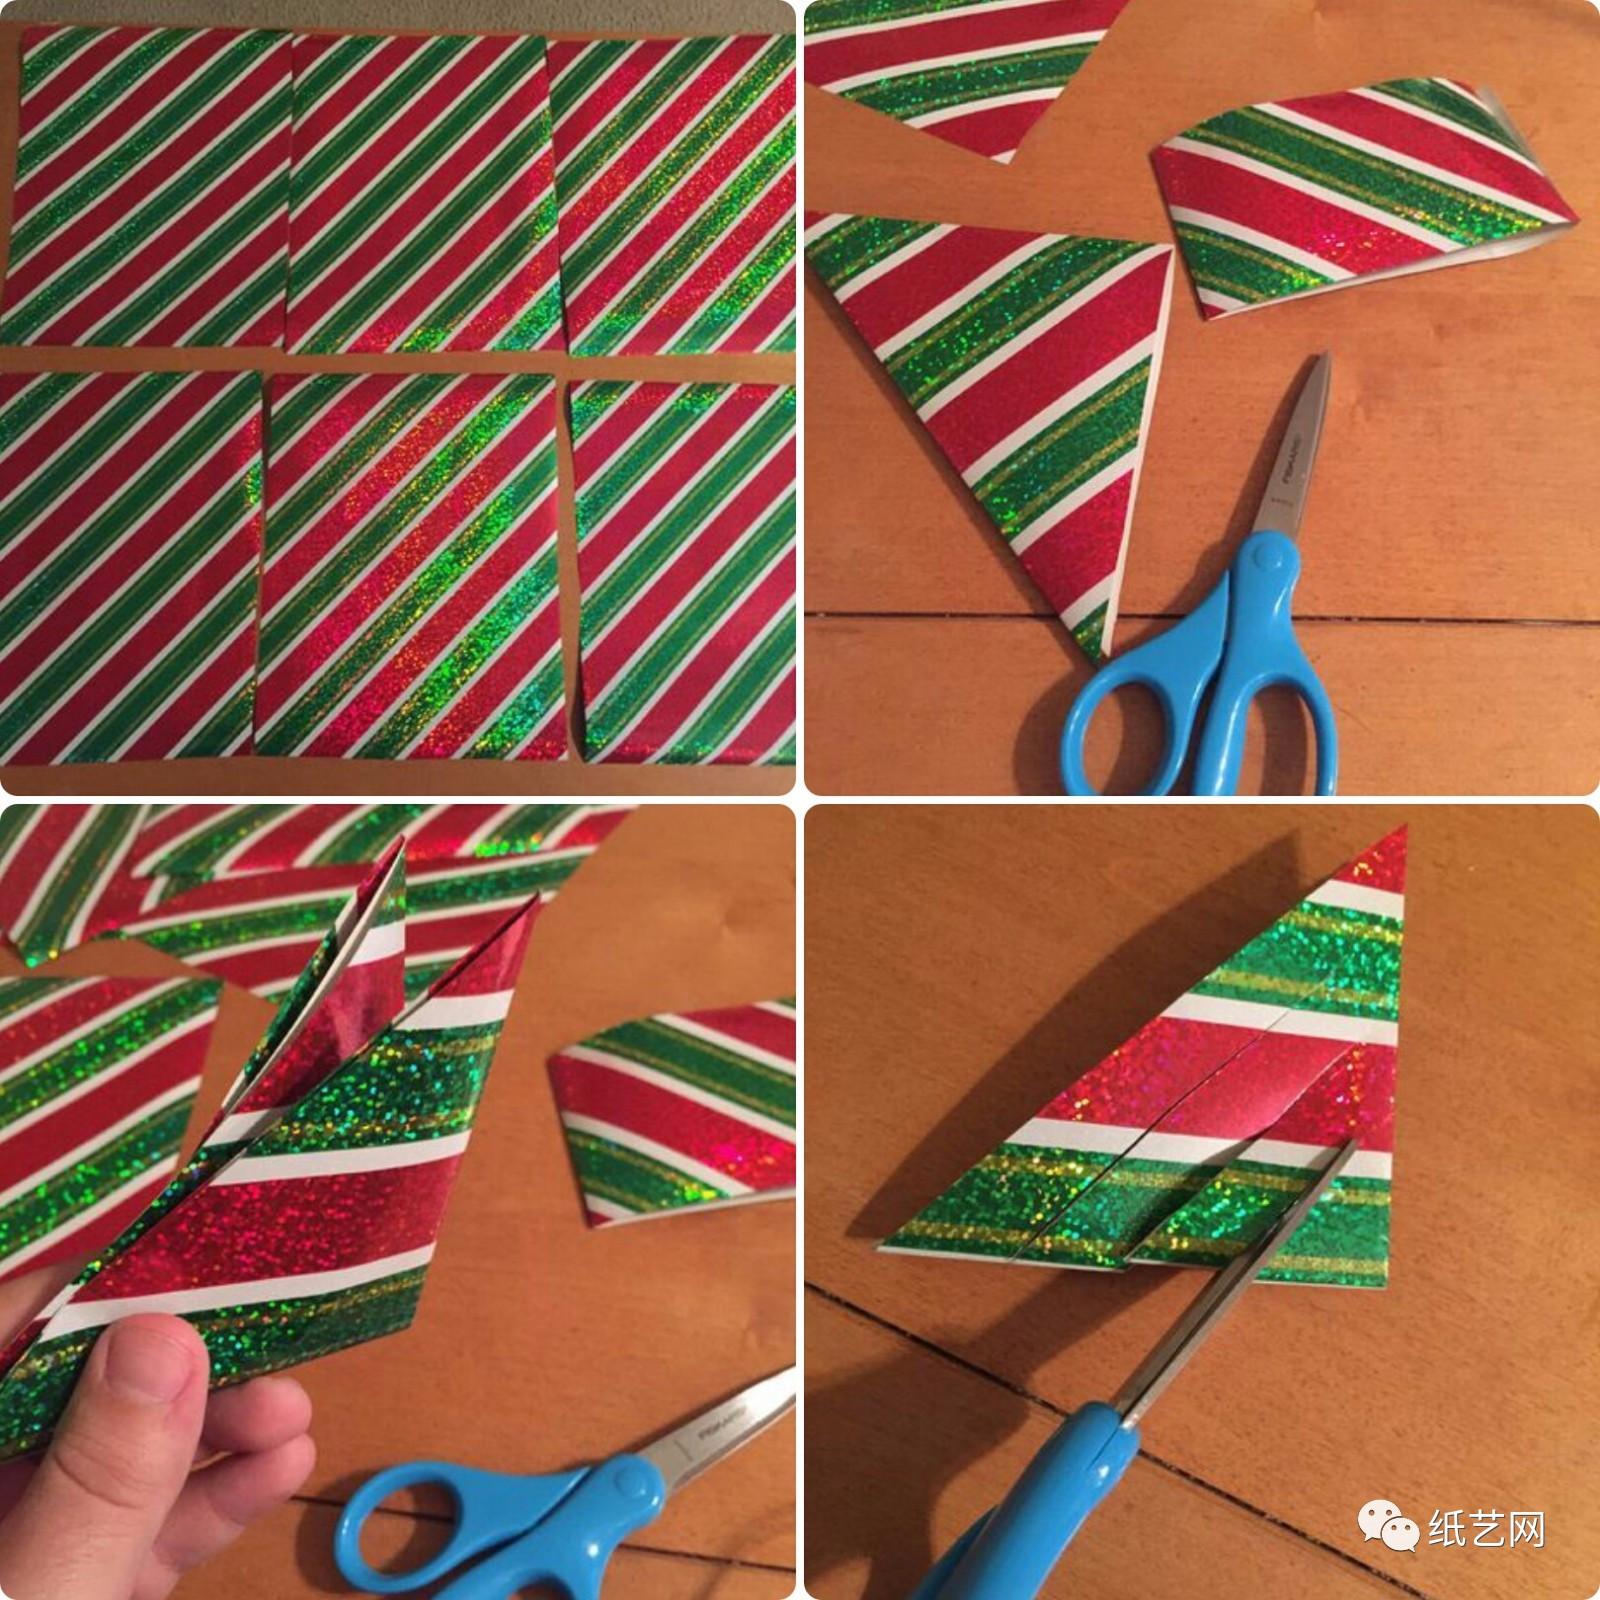 (含教程和文末福利) 串珠式雪花 立体式雪花 衍生纸雪花 剪纸雪花 1